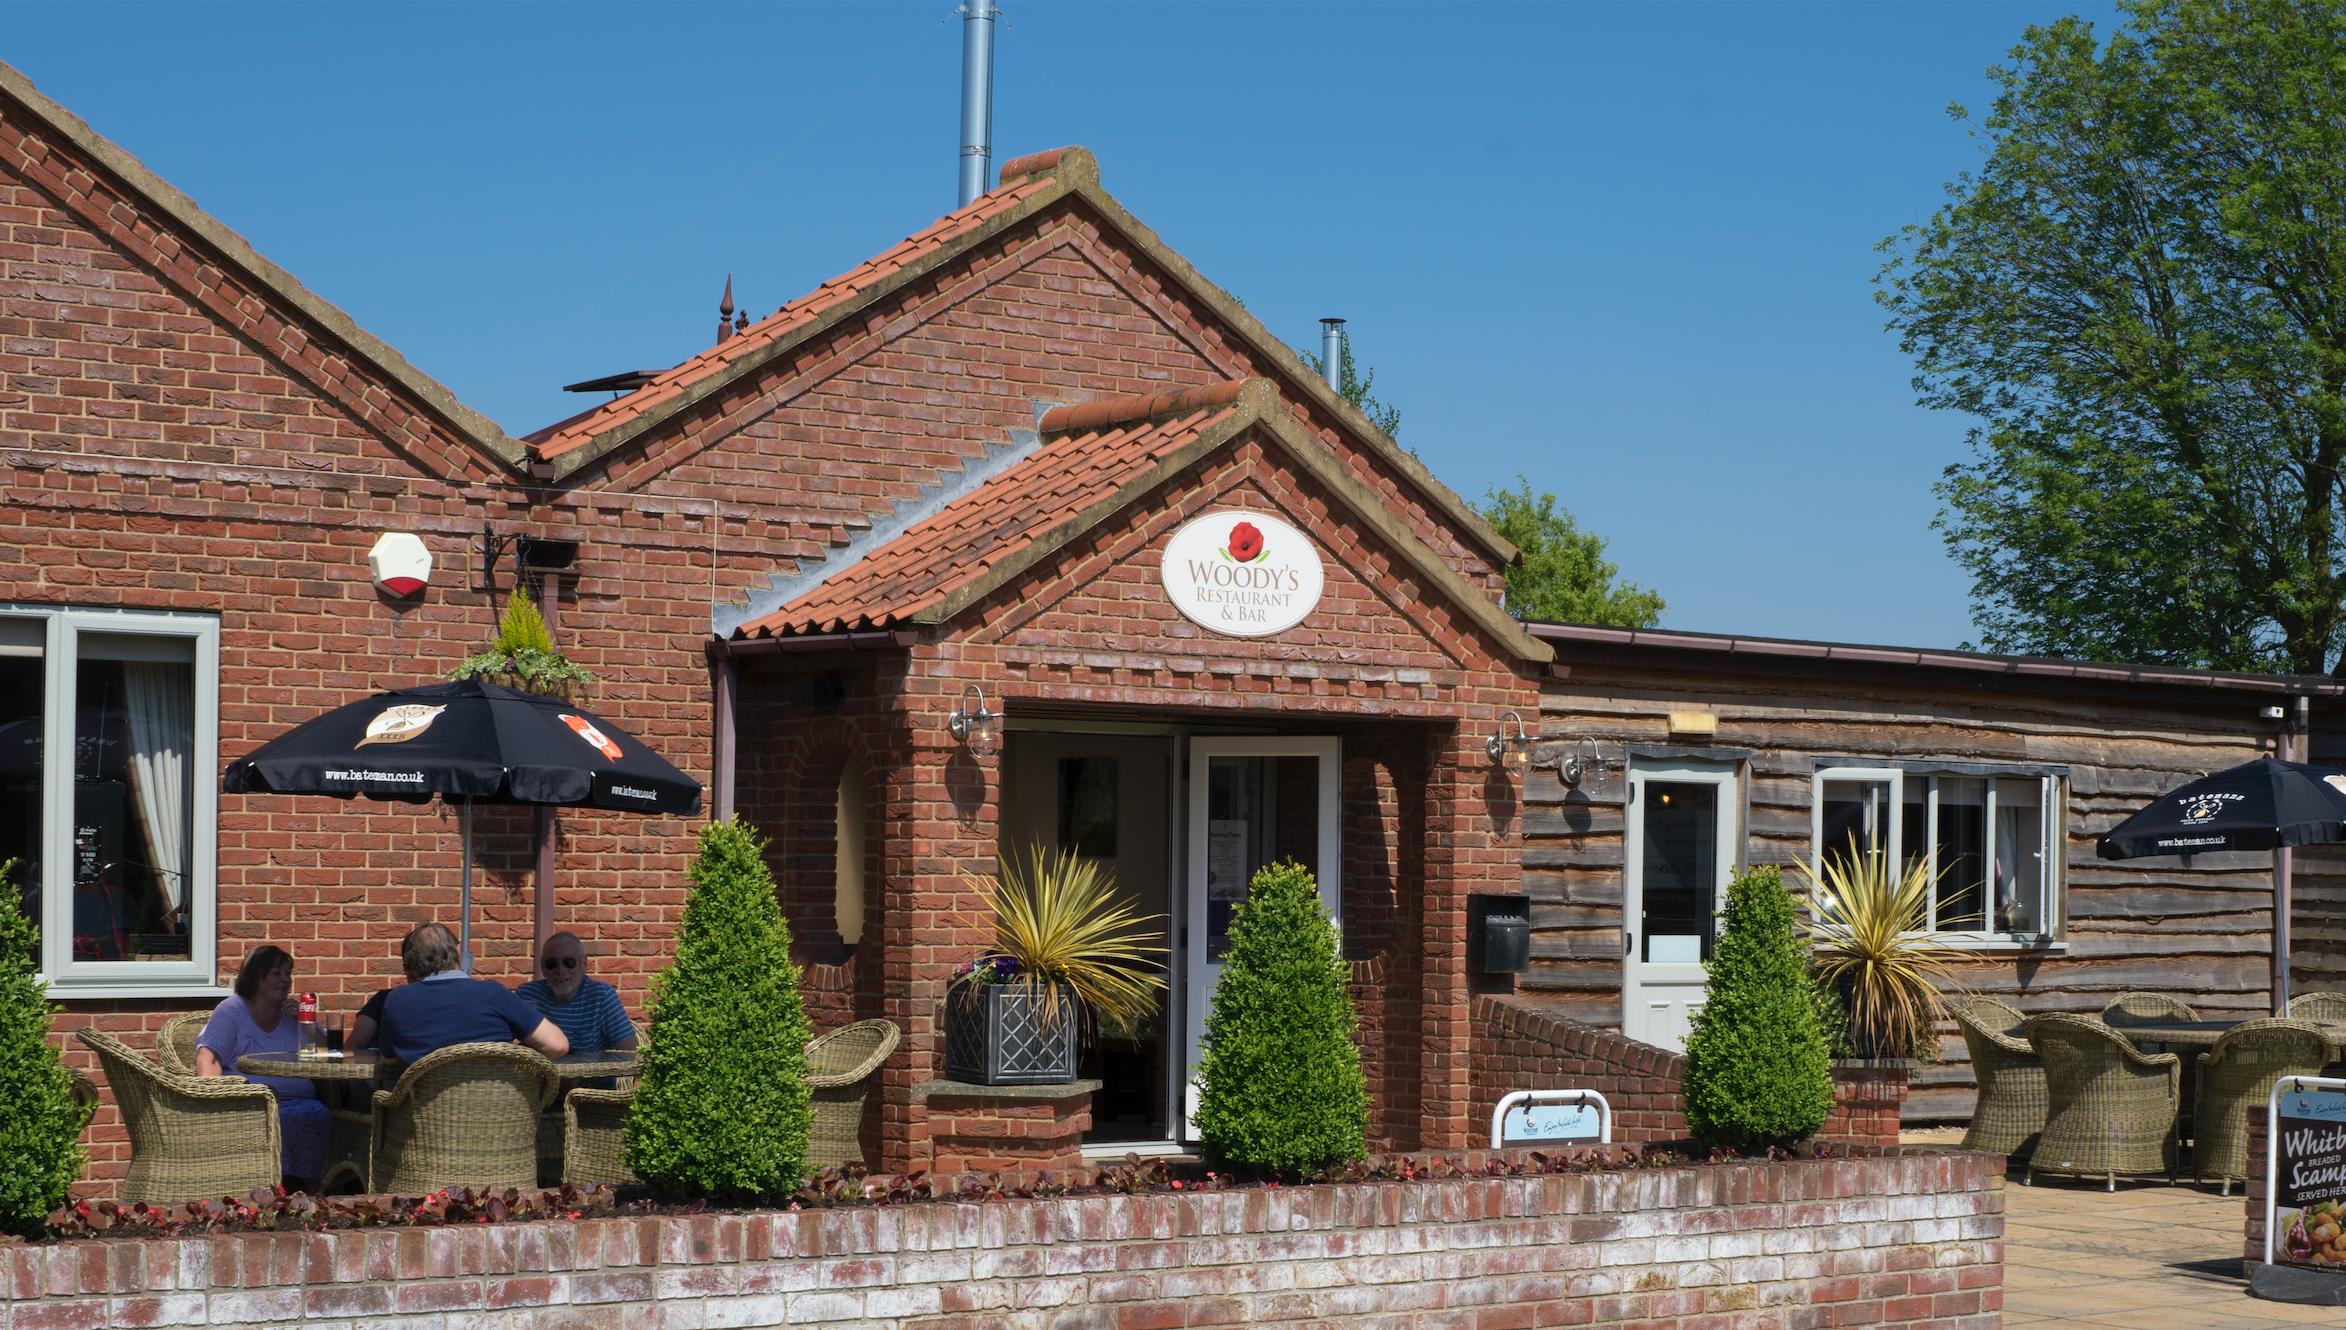 woodys restaurant, caravan park lincolnshire